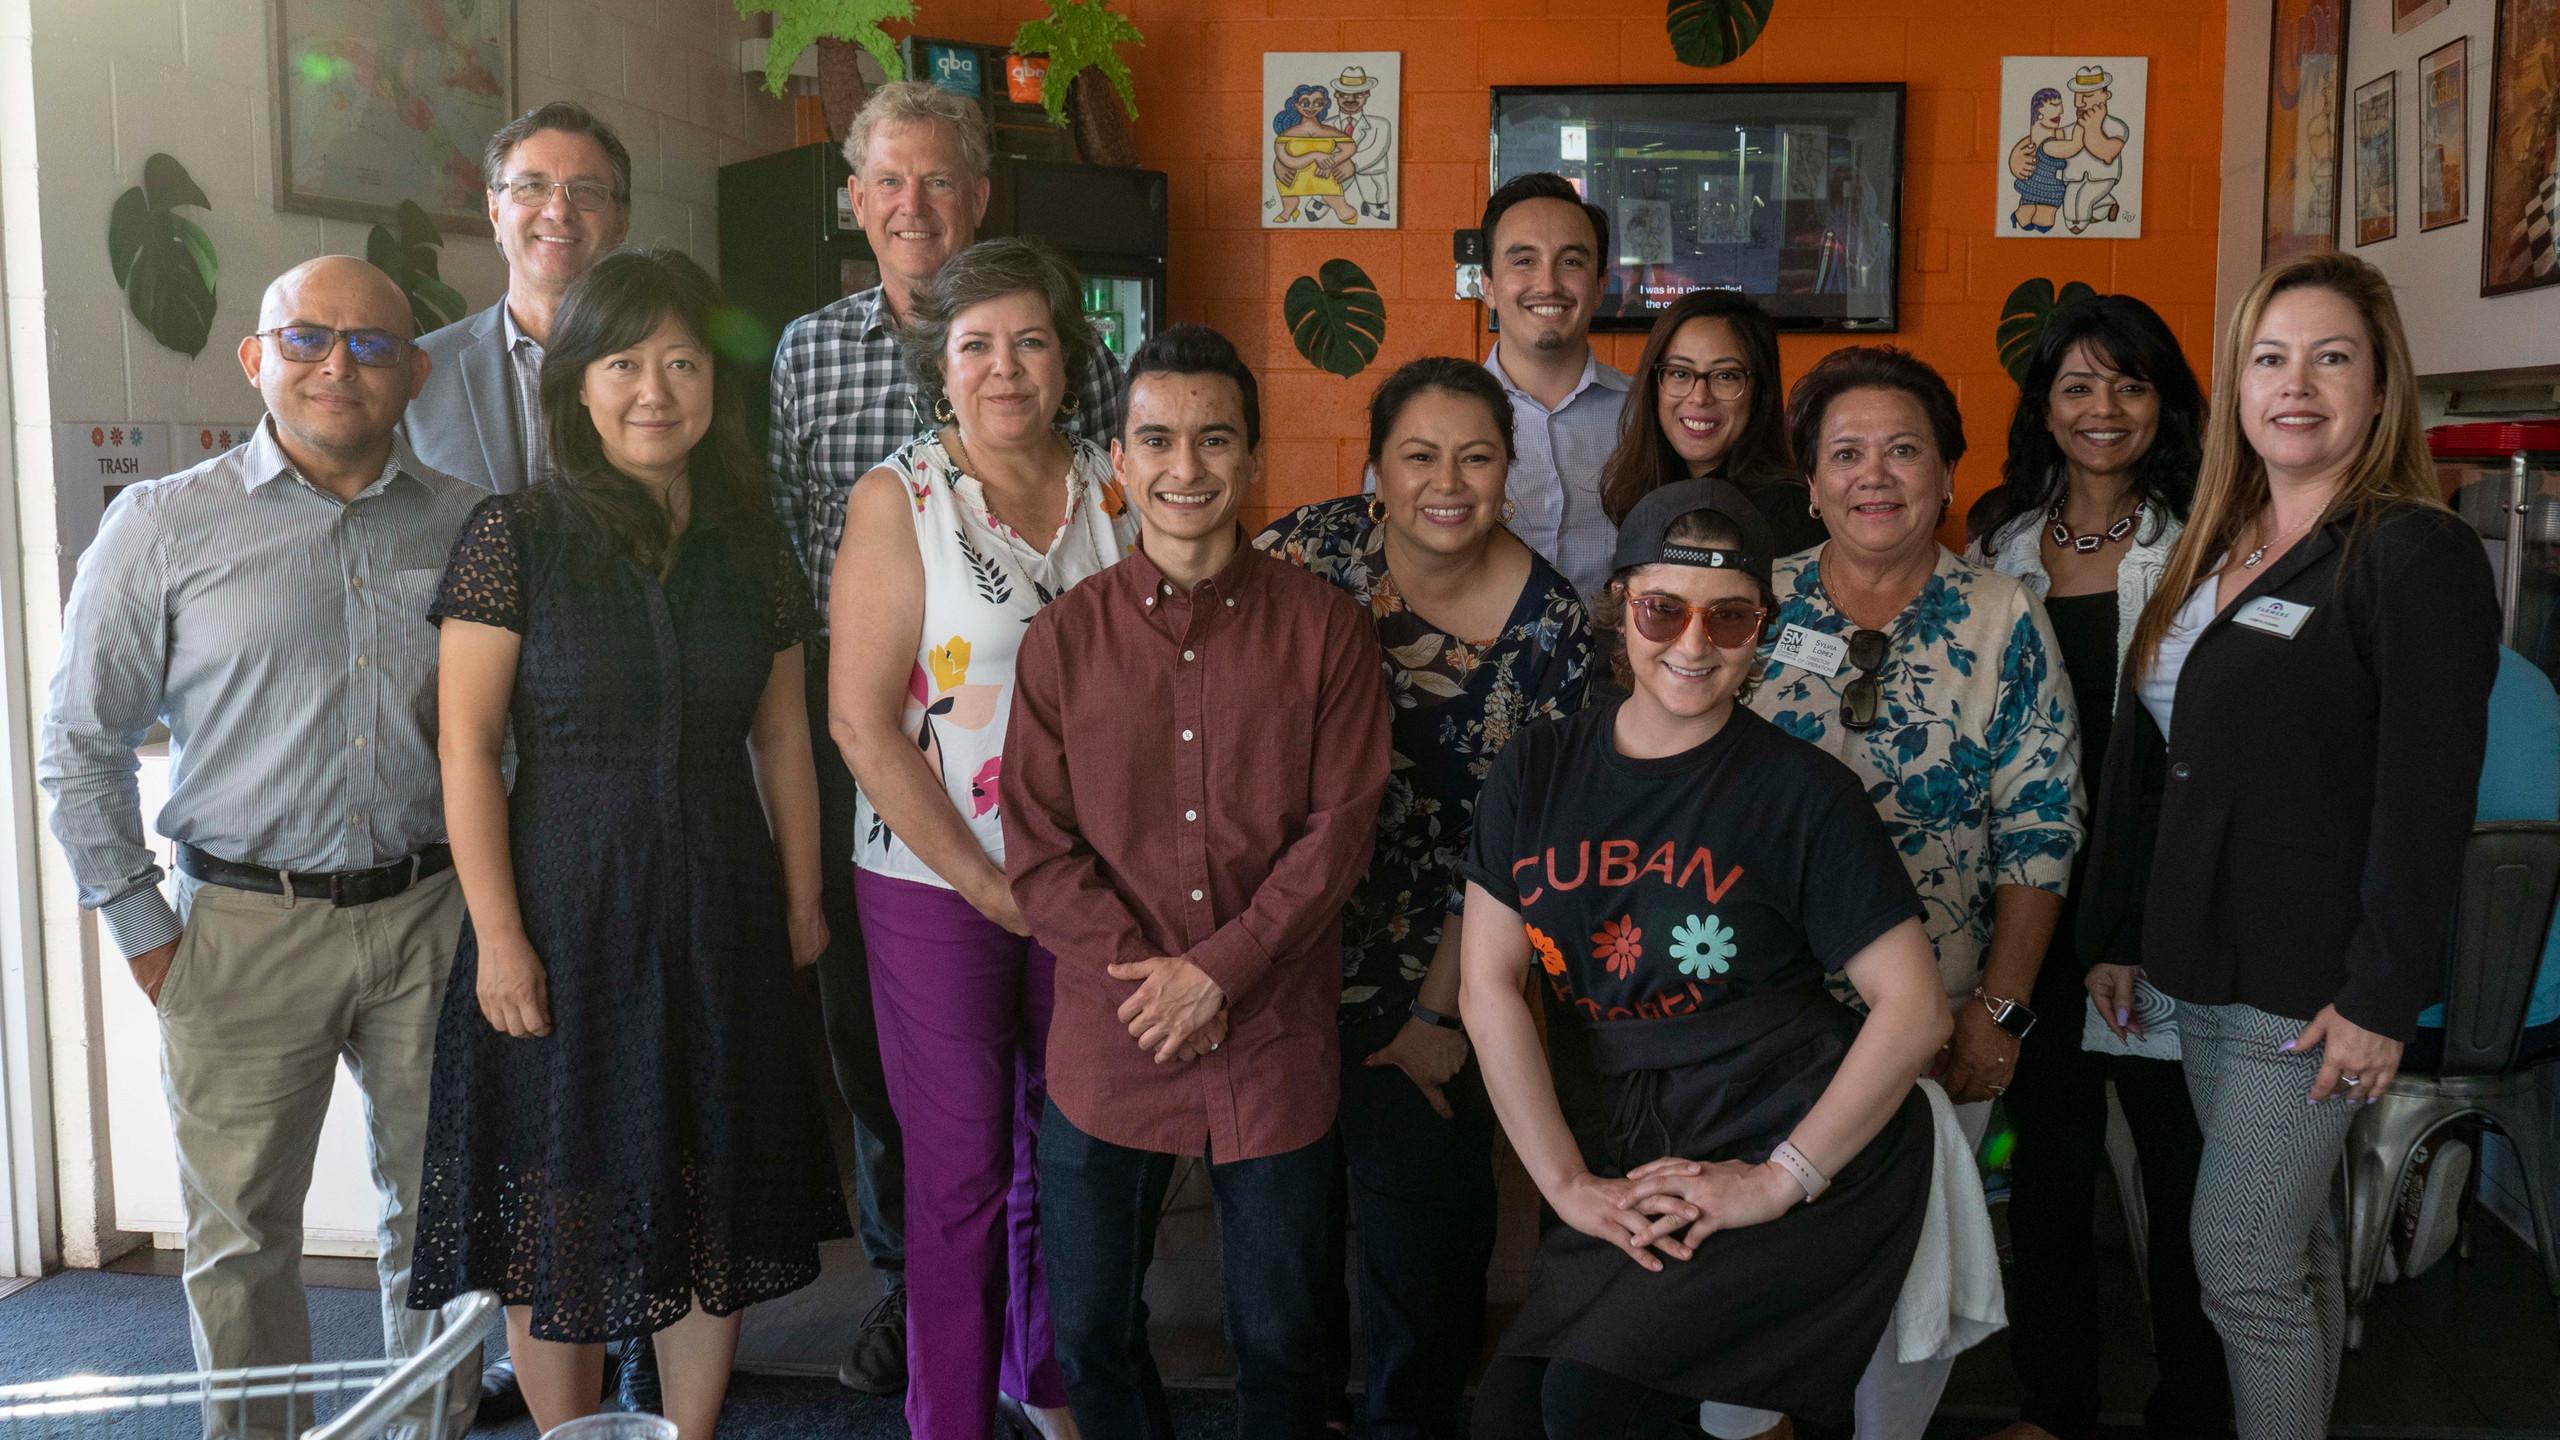 LCC Mixer 8-20-19 at Cuban Kitchen San M